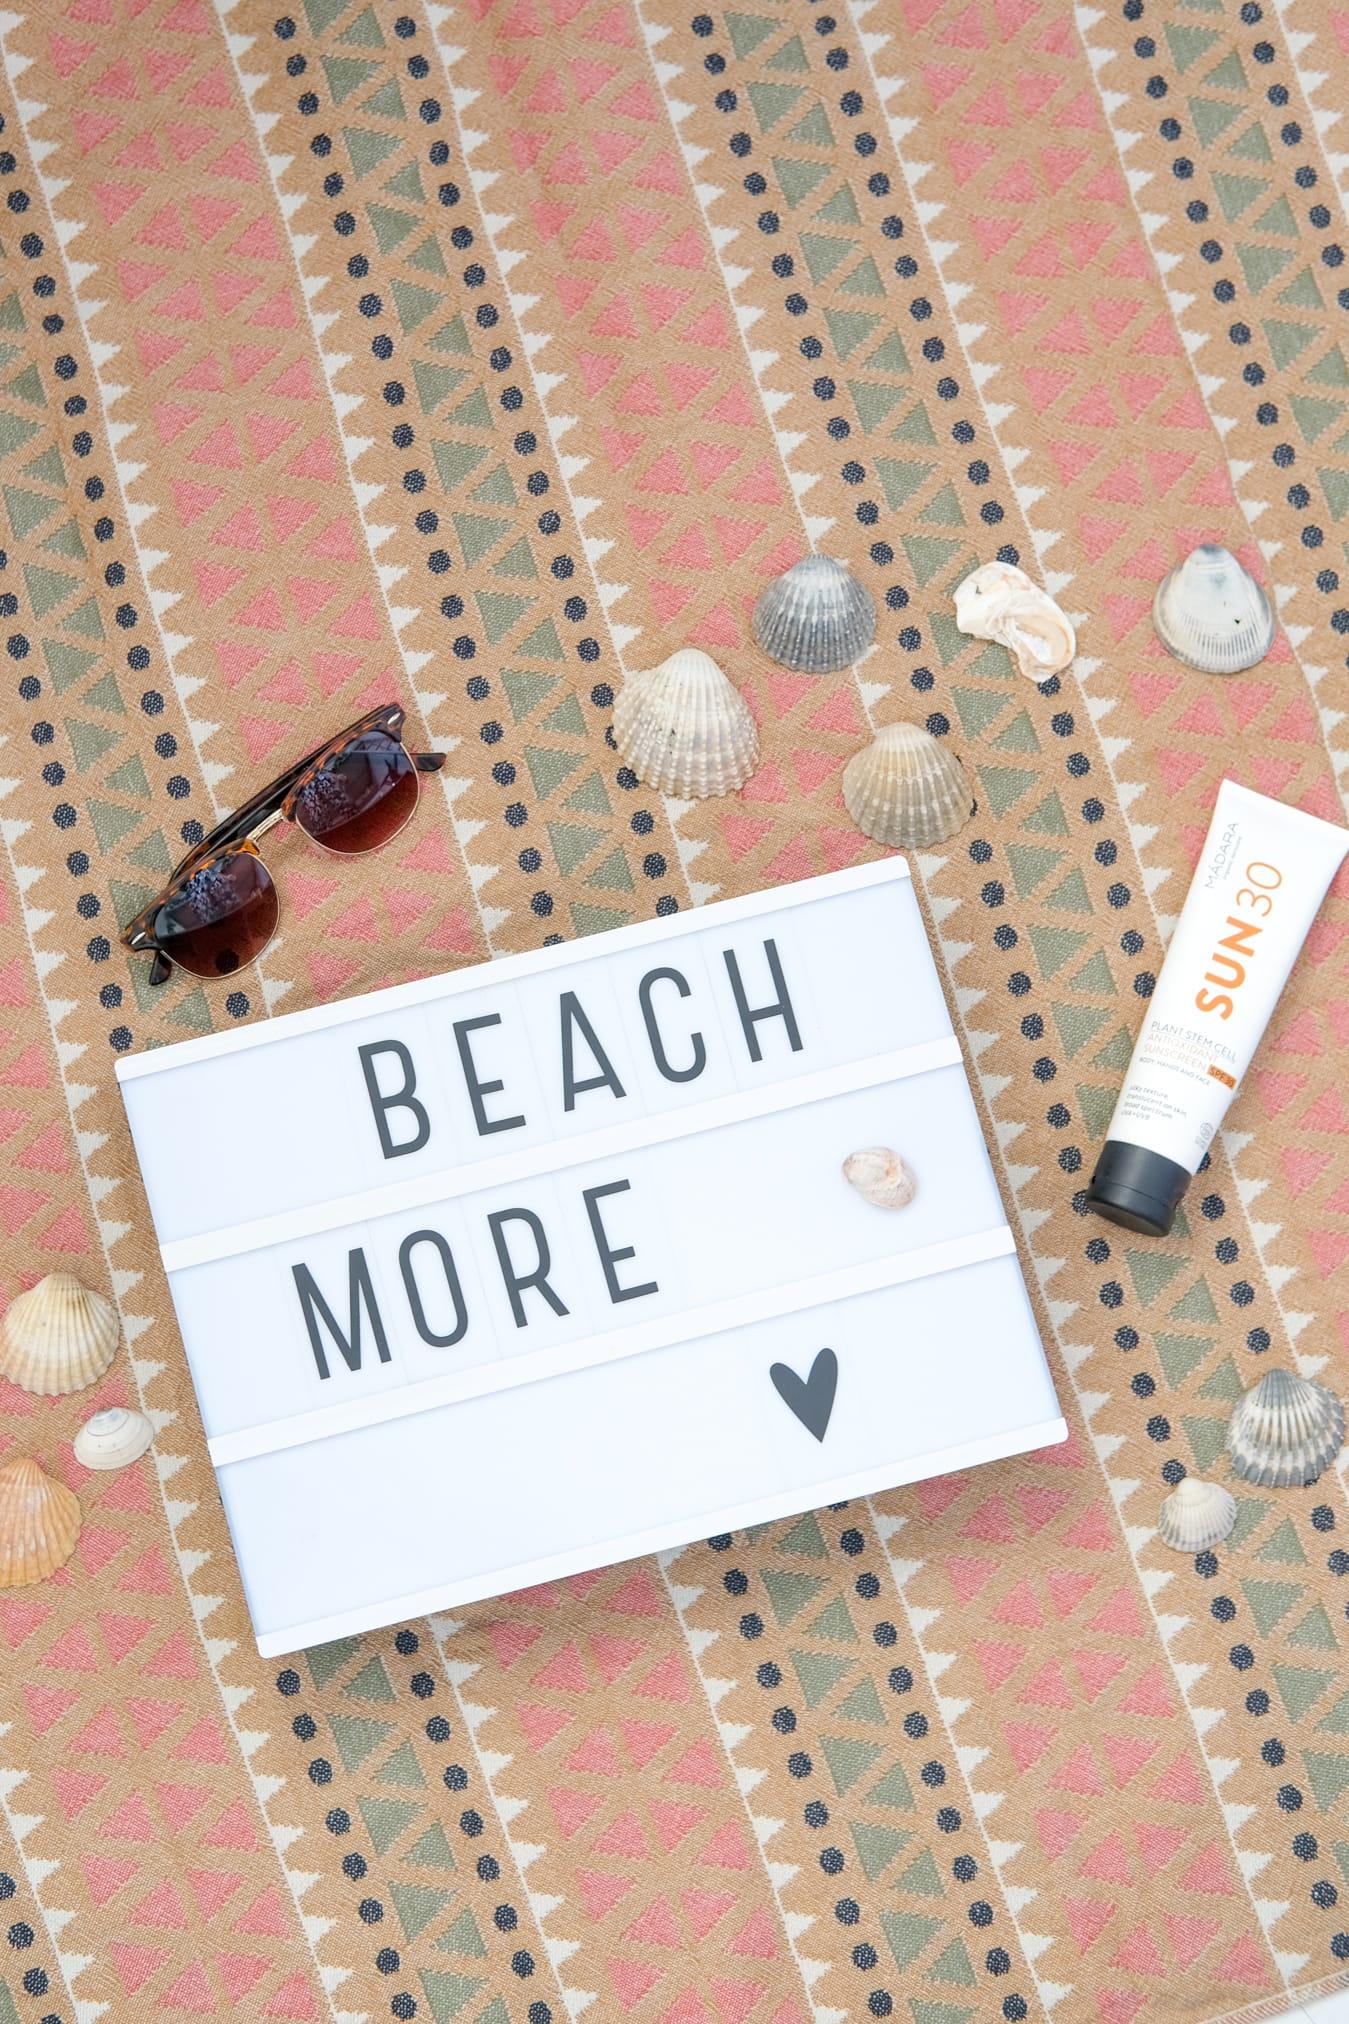 lightbox tekst over vakantie